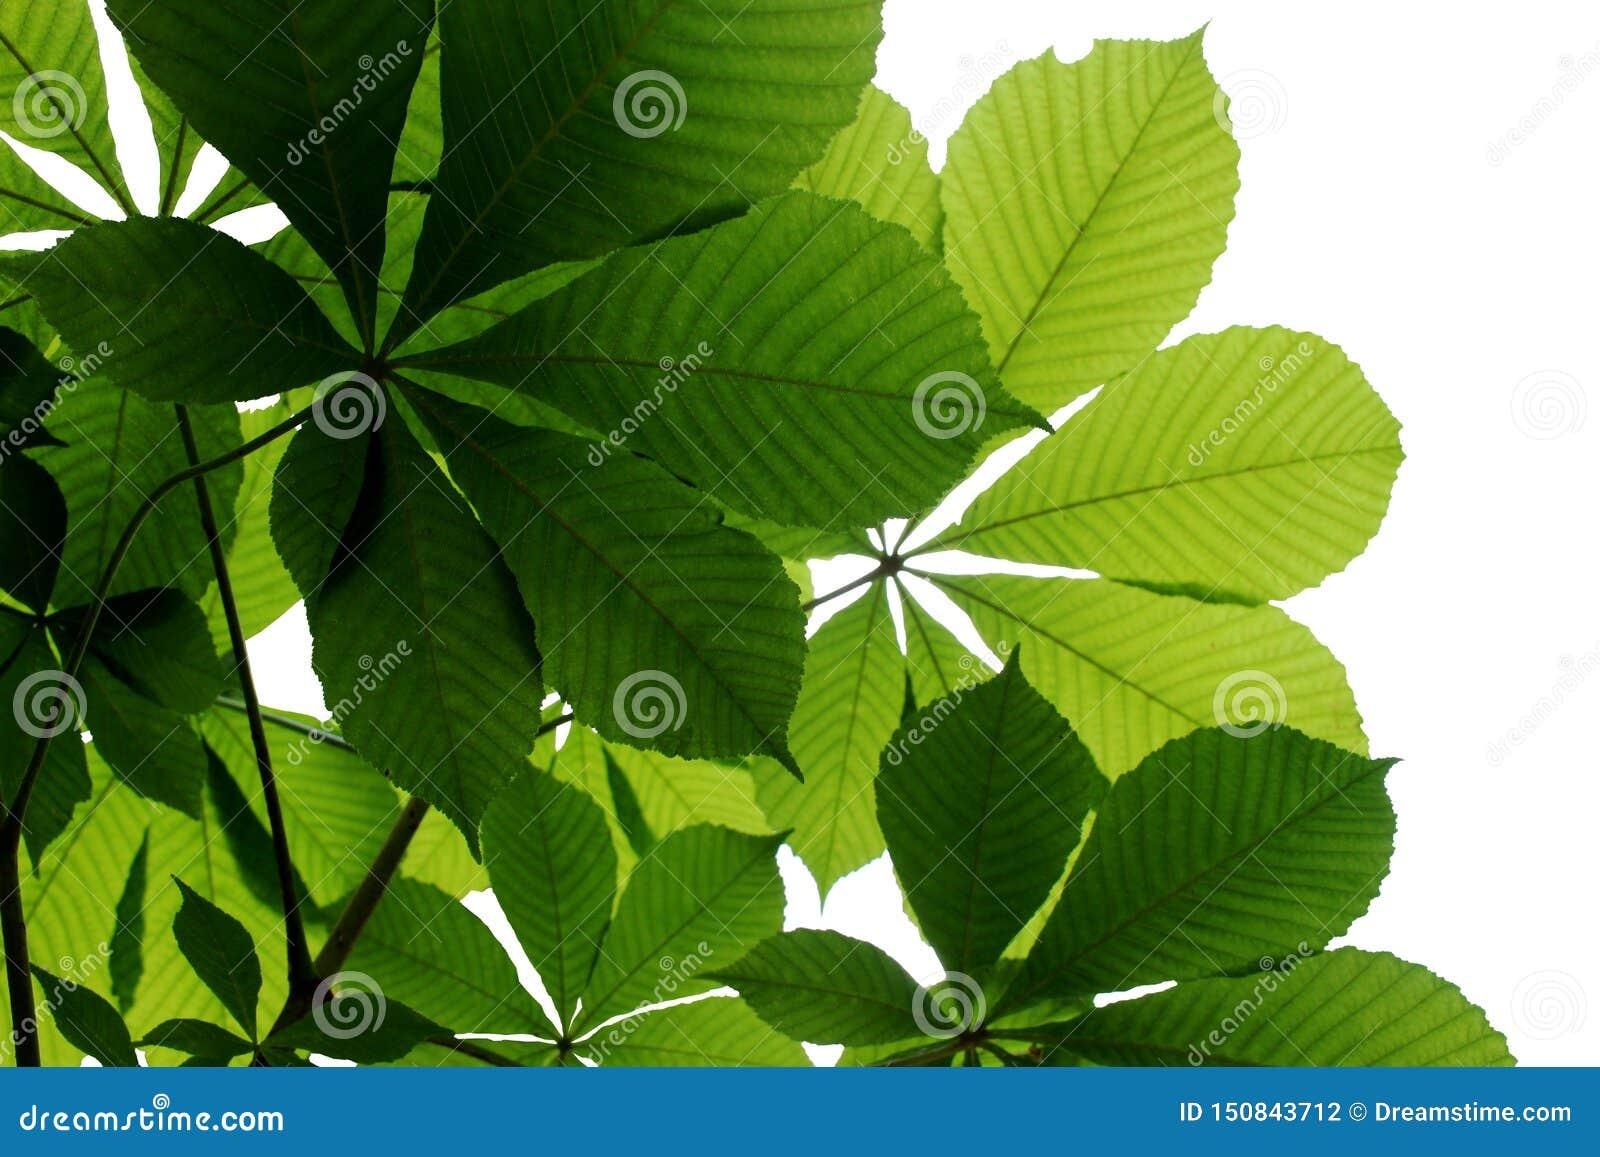 Heldergroene kastanjebladeren op een witte achtergrond